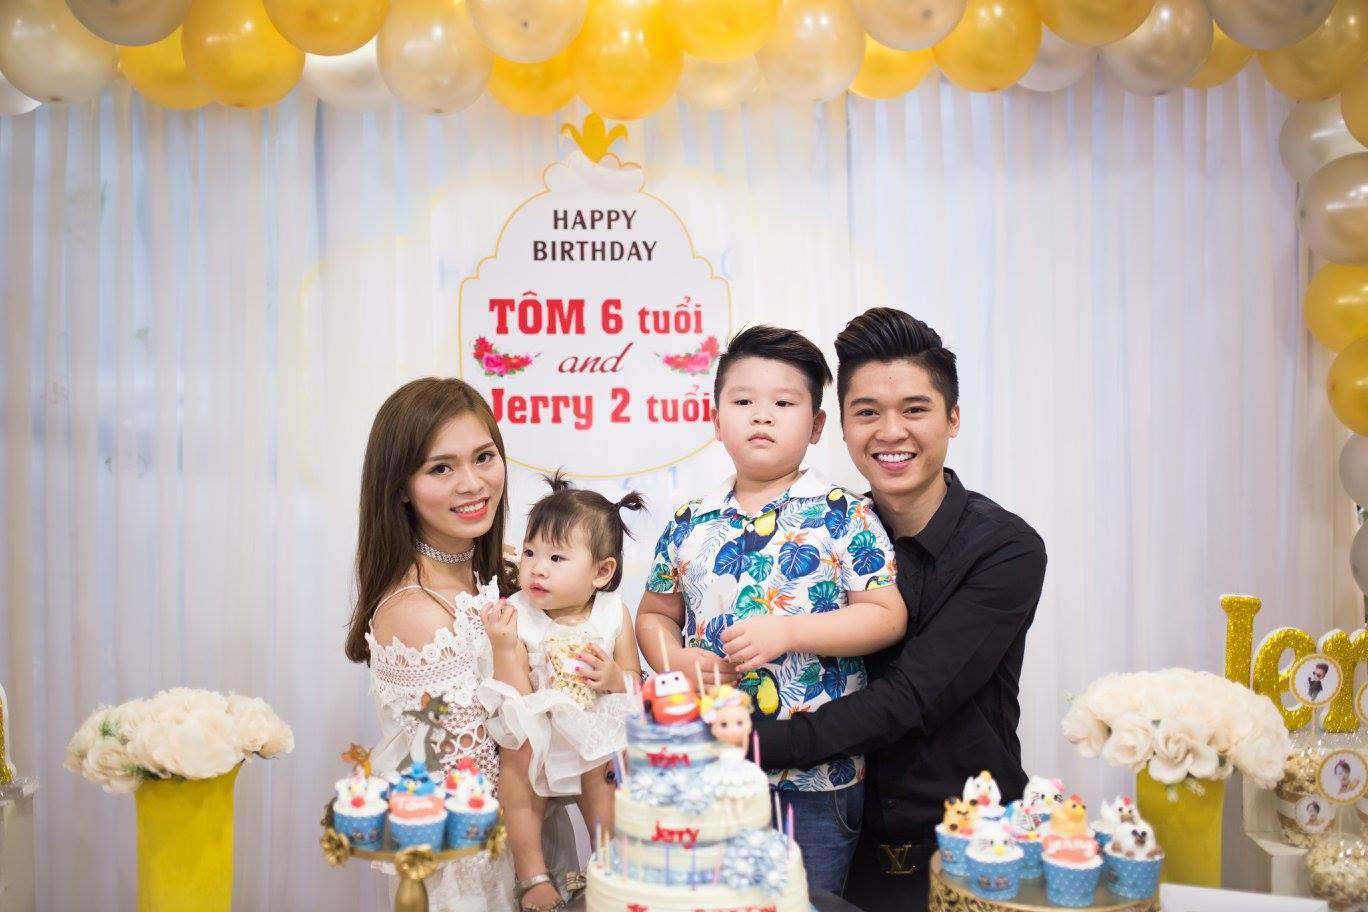 Chân dung cô dâu 2 con trong đám cưới 4 tỷ rúng động Thái Nguyên - 6